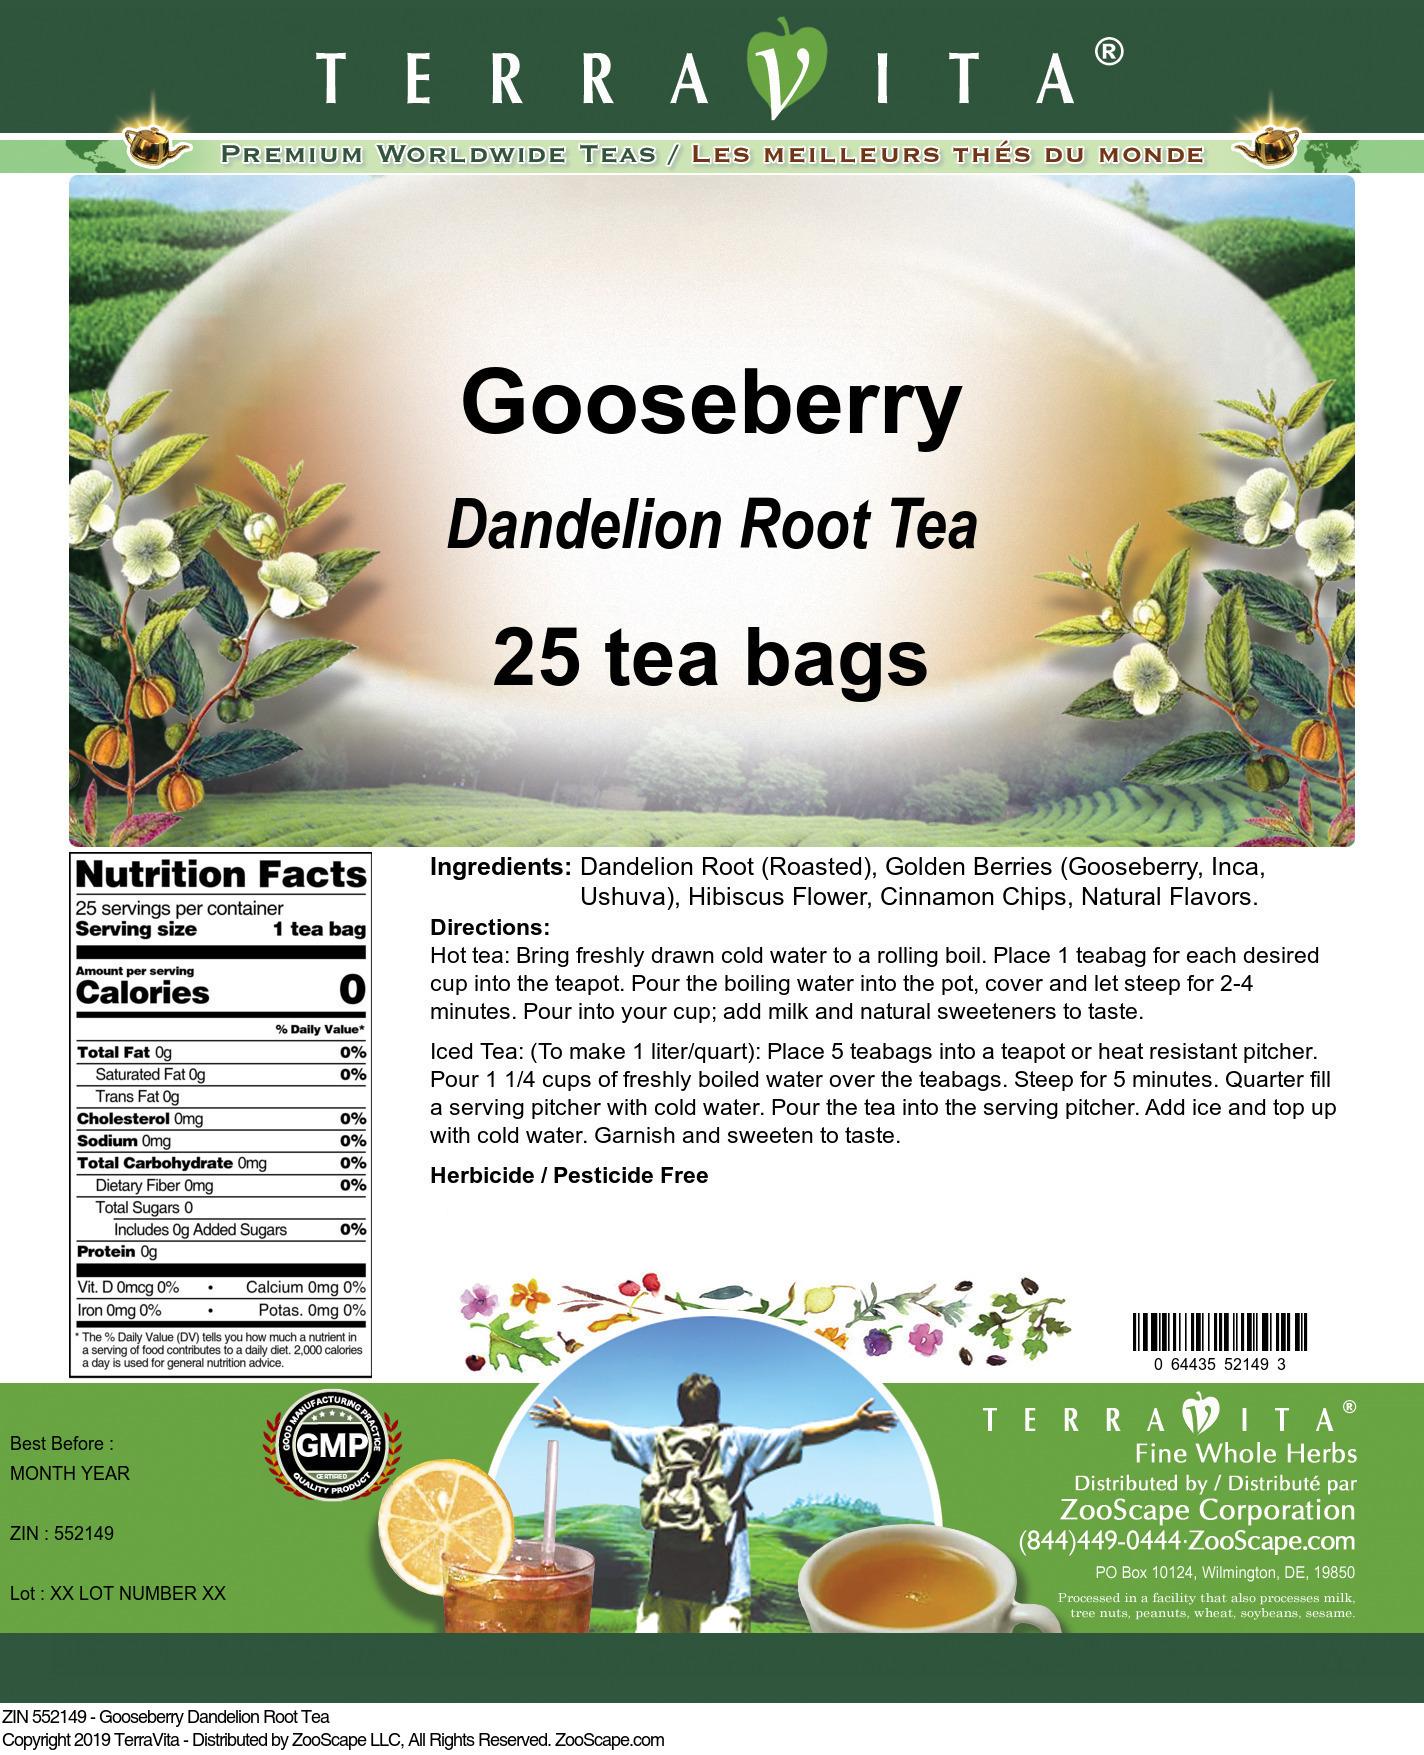 Gooseberry Dandelion Root